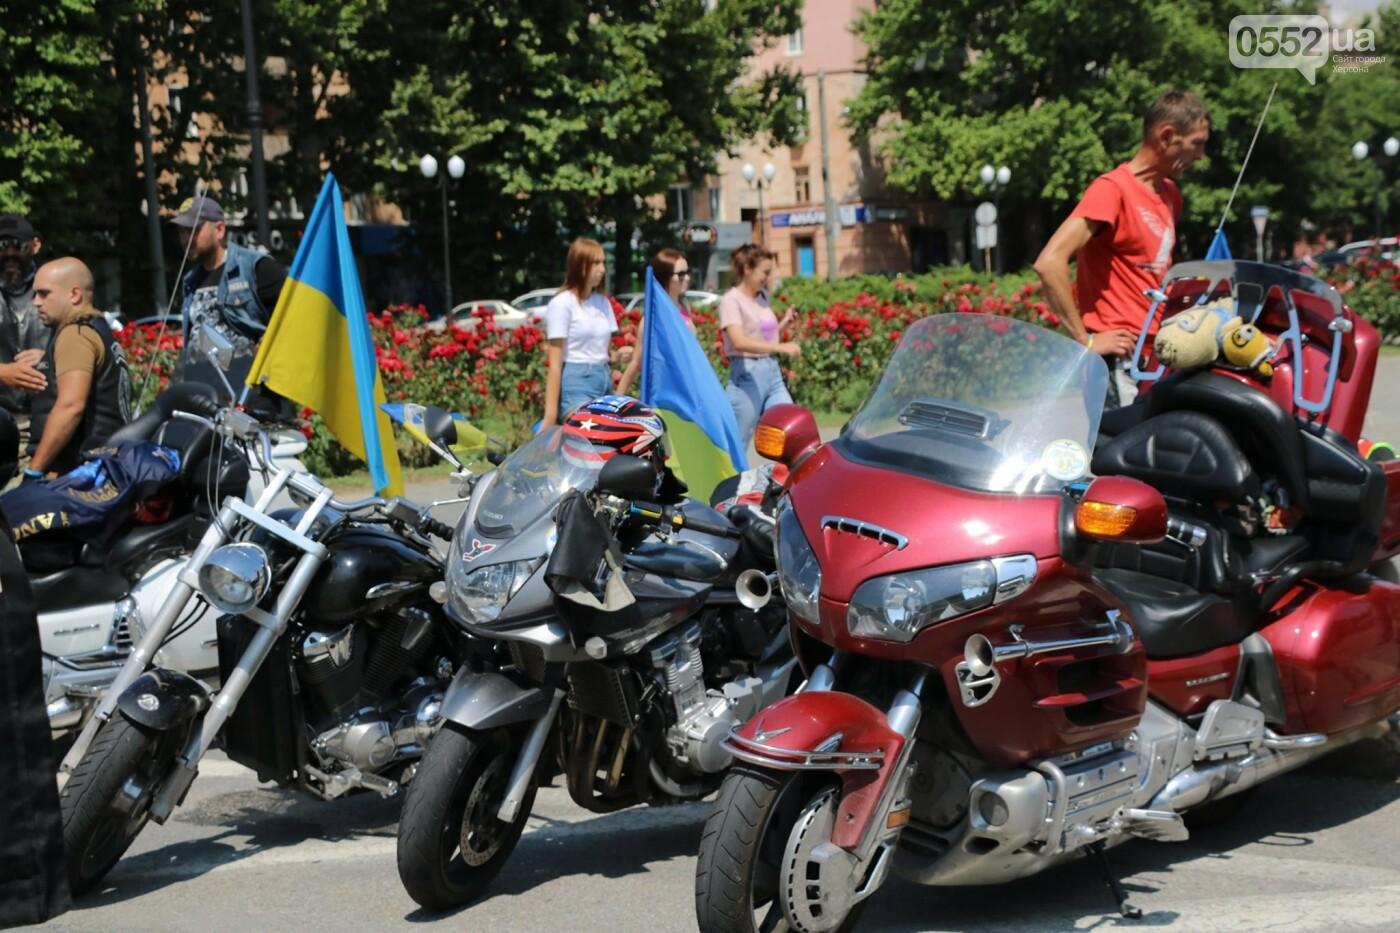 Байкеры на Херсонщине: «Мотопробег единства-2020» едет к границе, фото-1